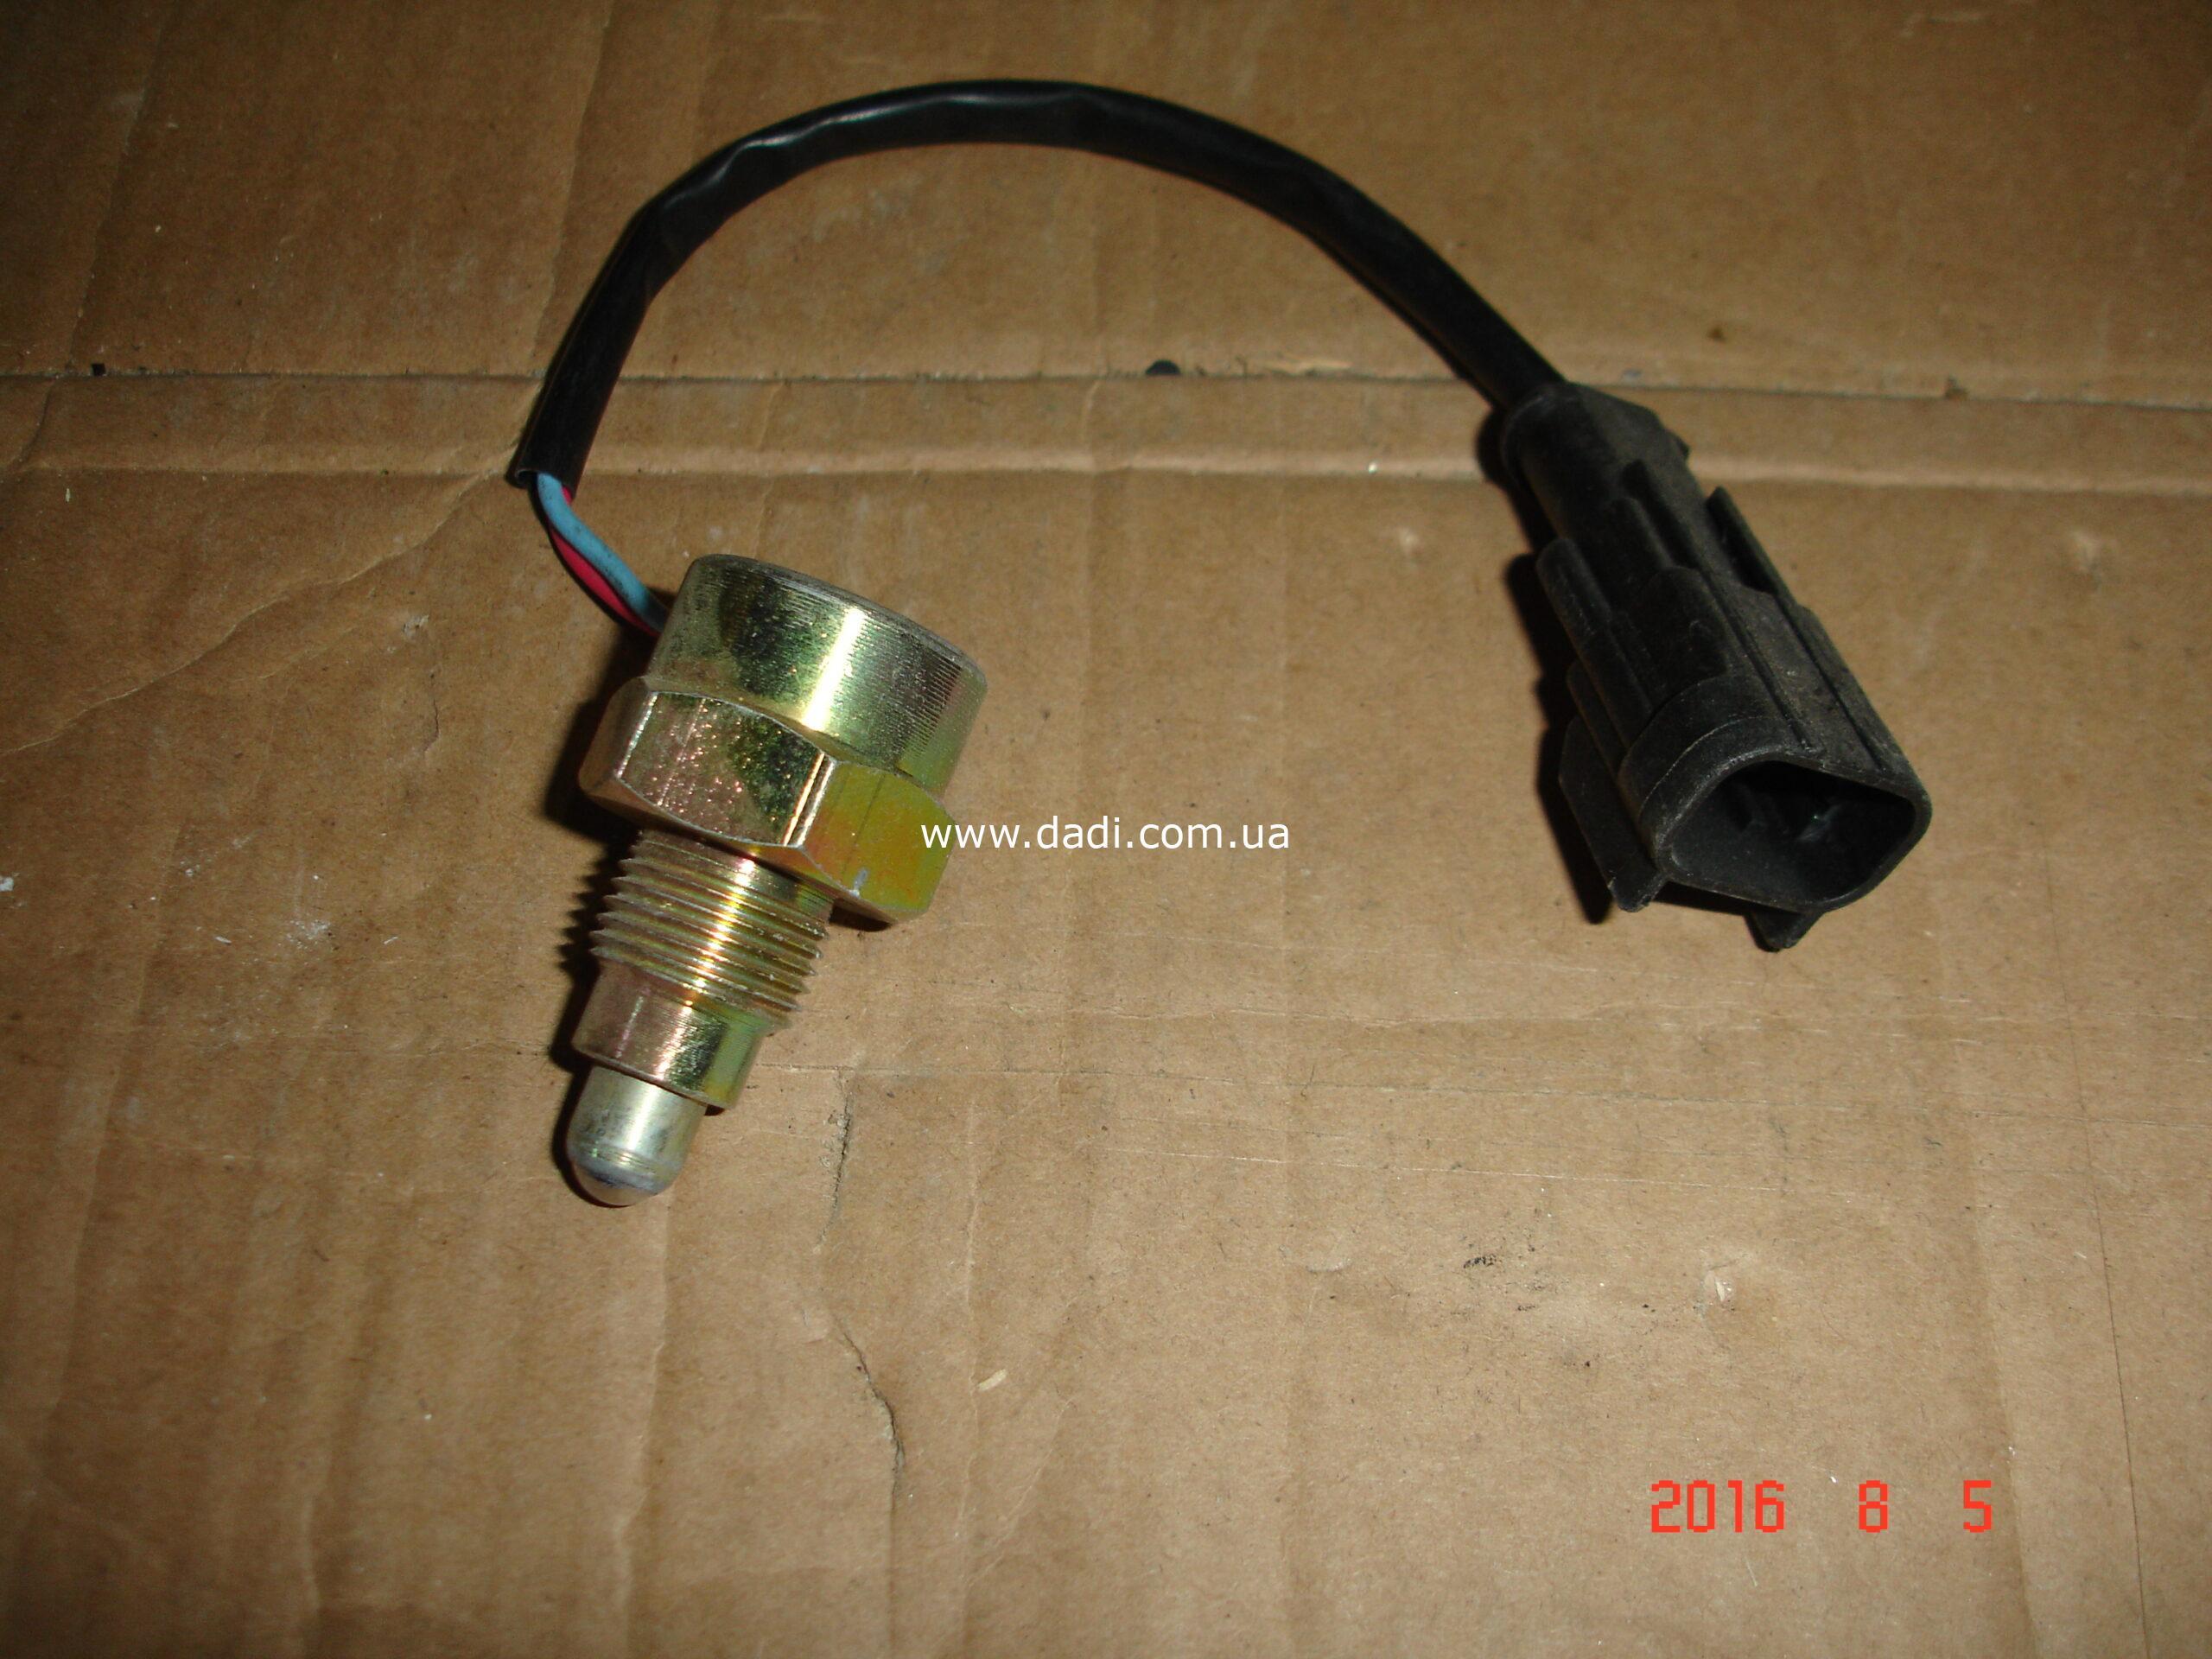 Вимикач сигналу заднього ходу/ выключатель сигнала заднего хода Zomax 4WD-0